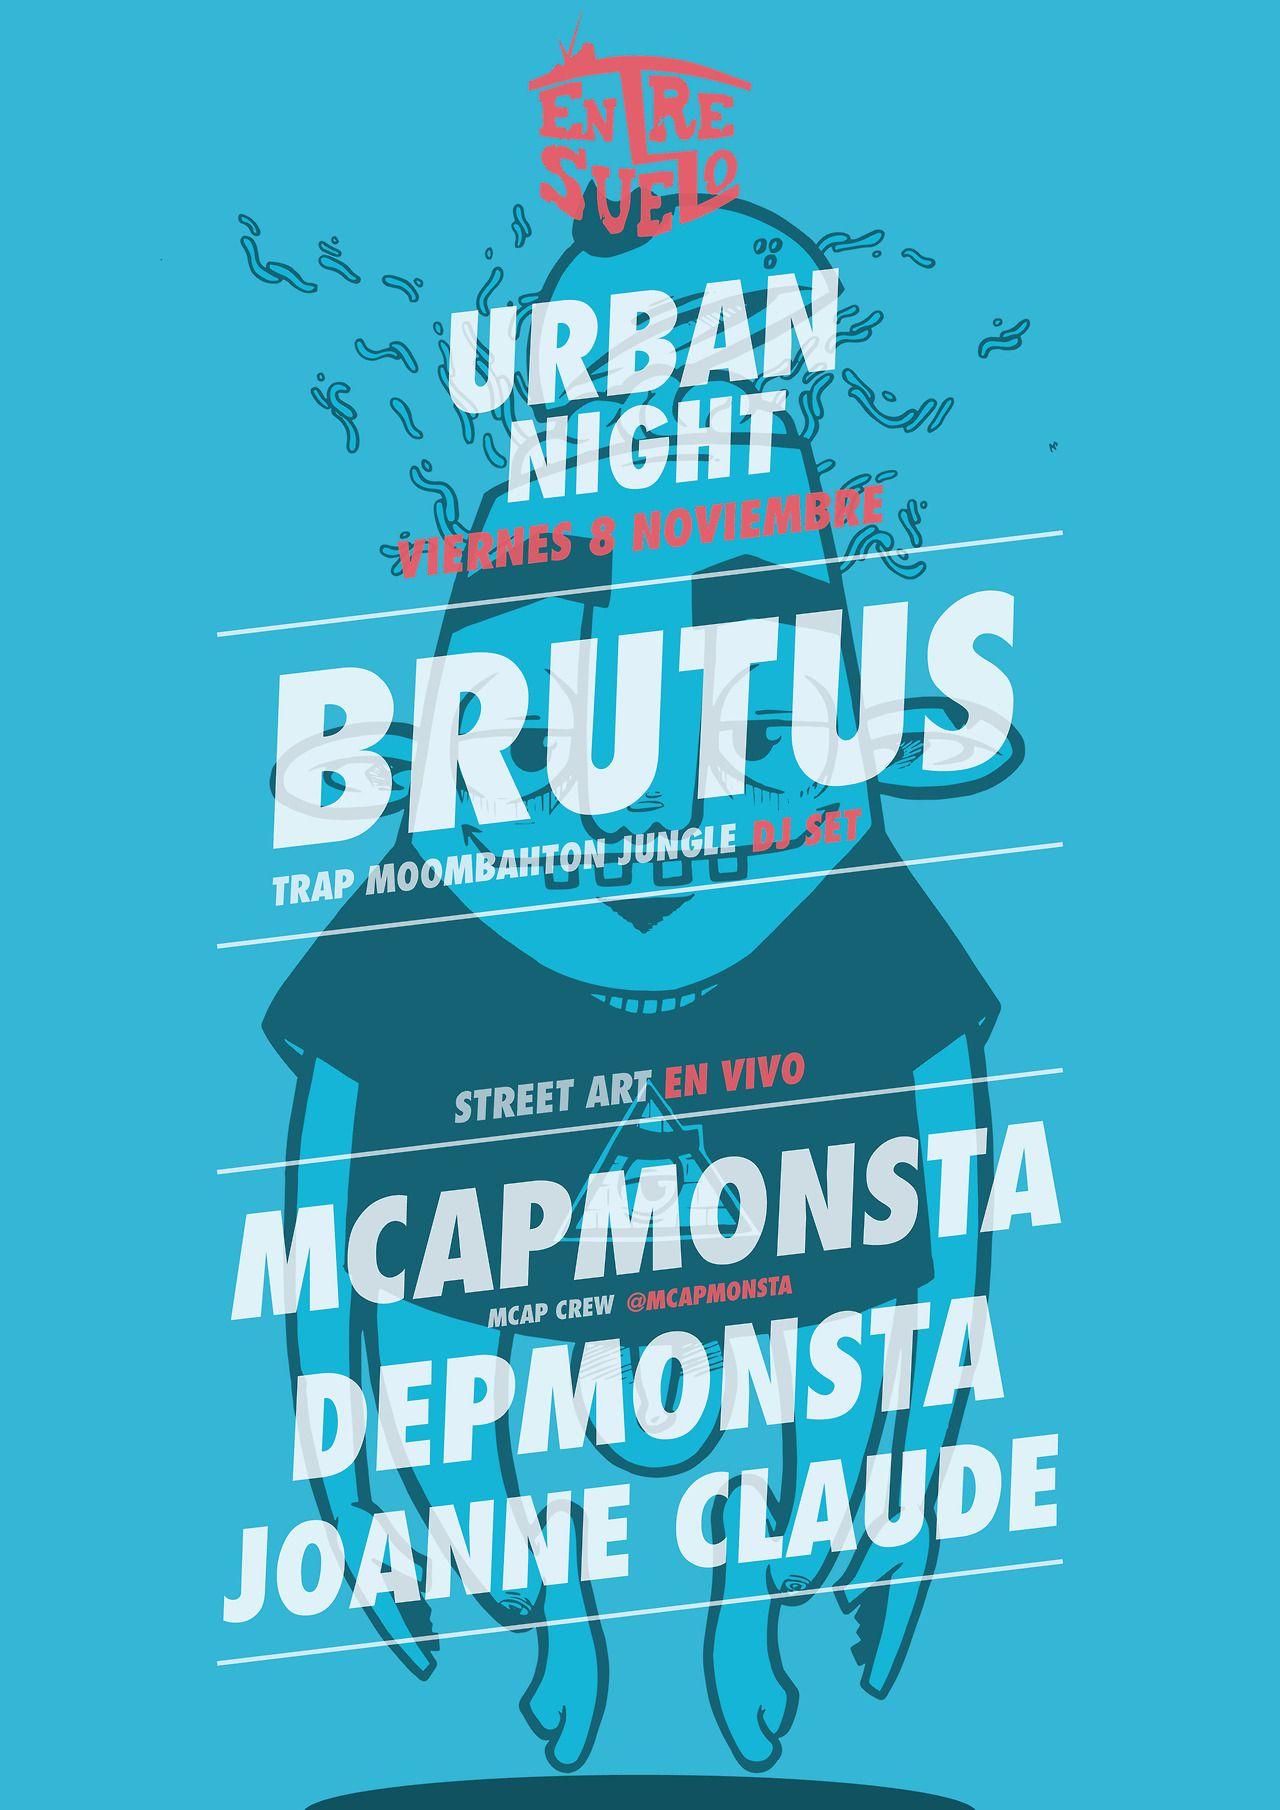 Entresuelo Urban Night 2013  - MCAPMONSTA